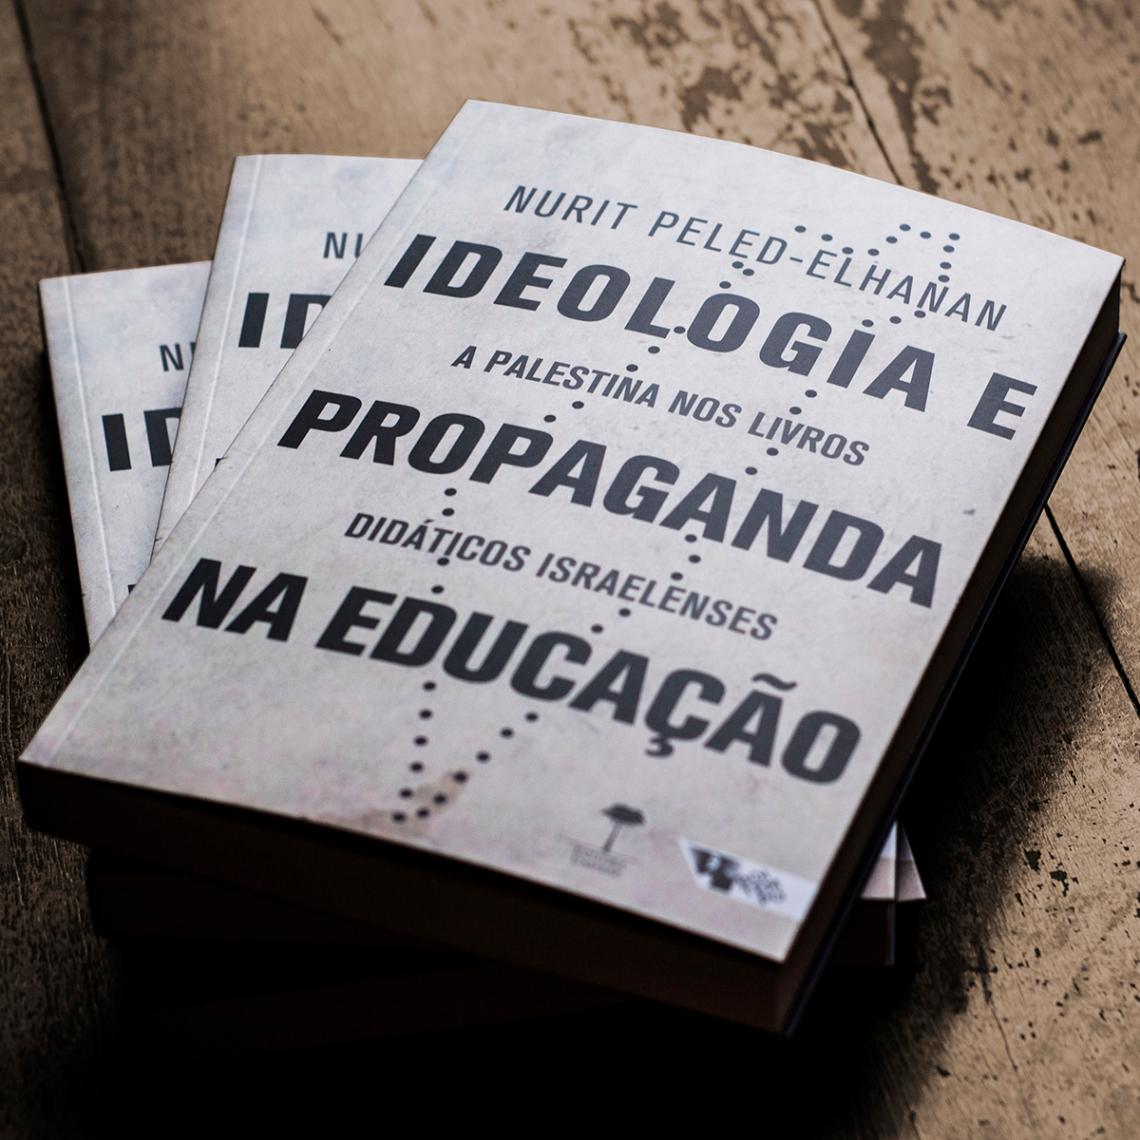 ideologia-propaganda-educação